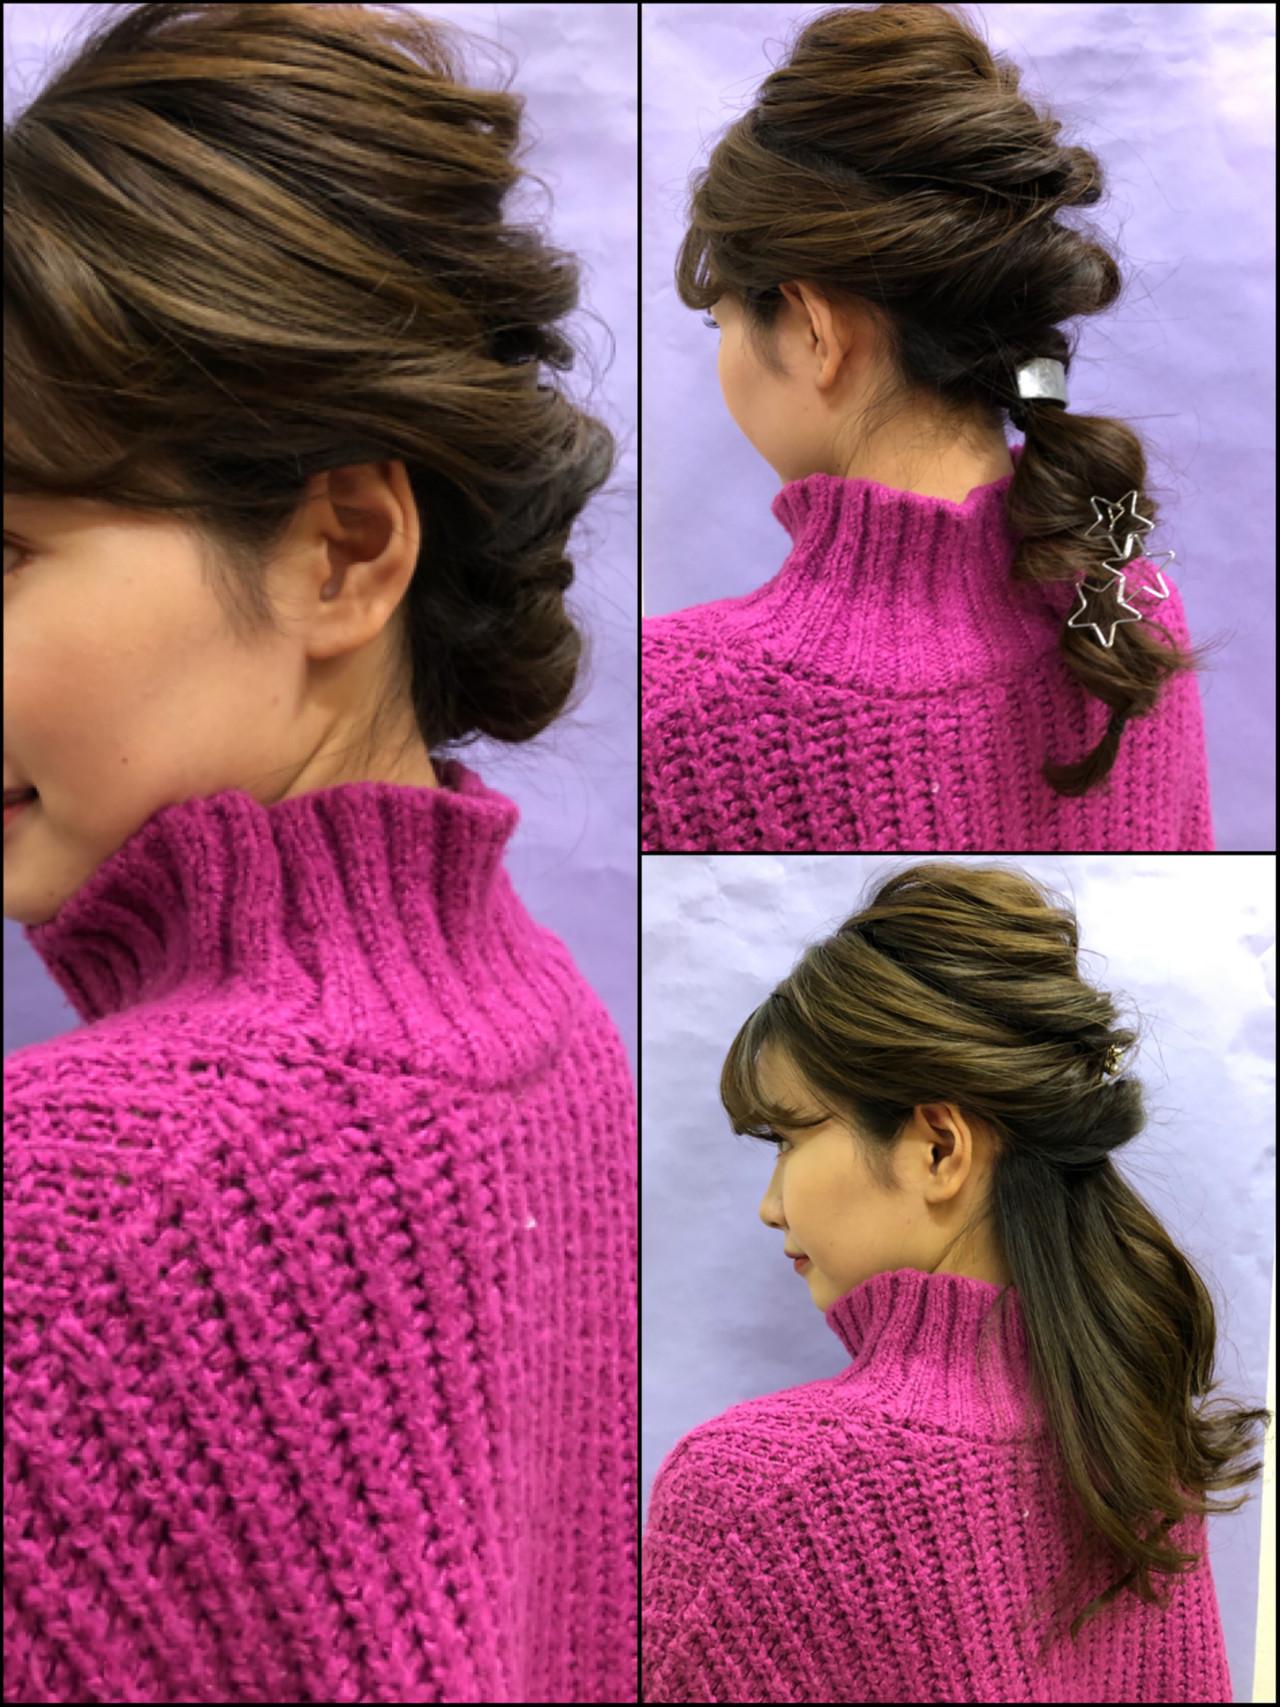 セミロング 結婚式ヘアアレンジ ナチュラル 編みおろしヘア ヘアスタイルや髪型の写真・画像